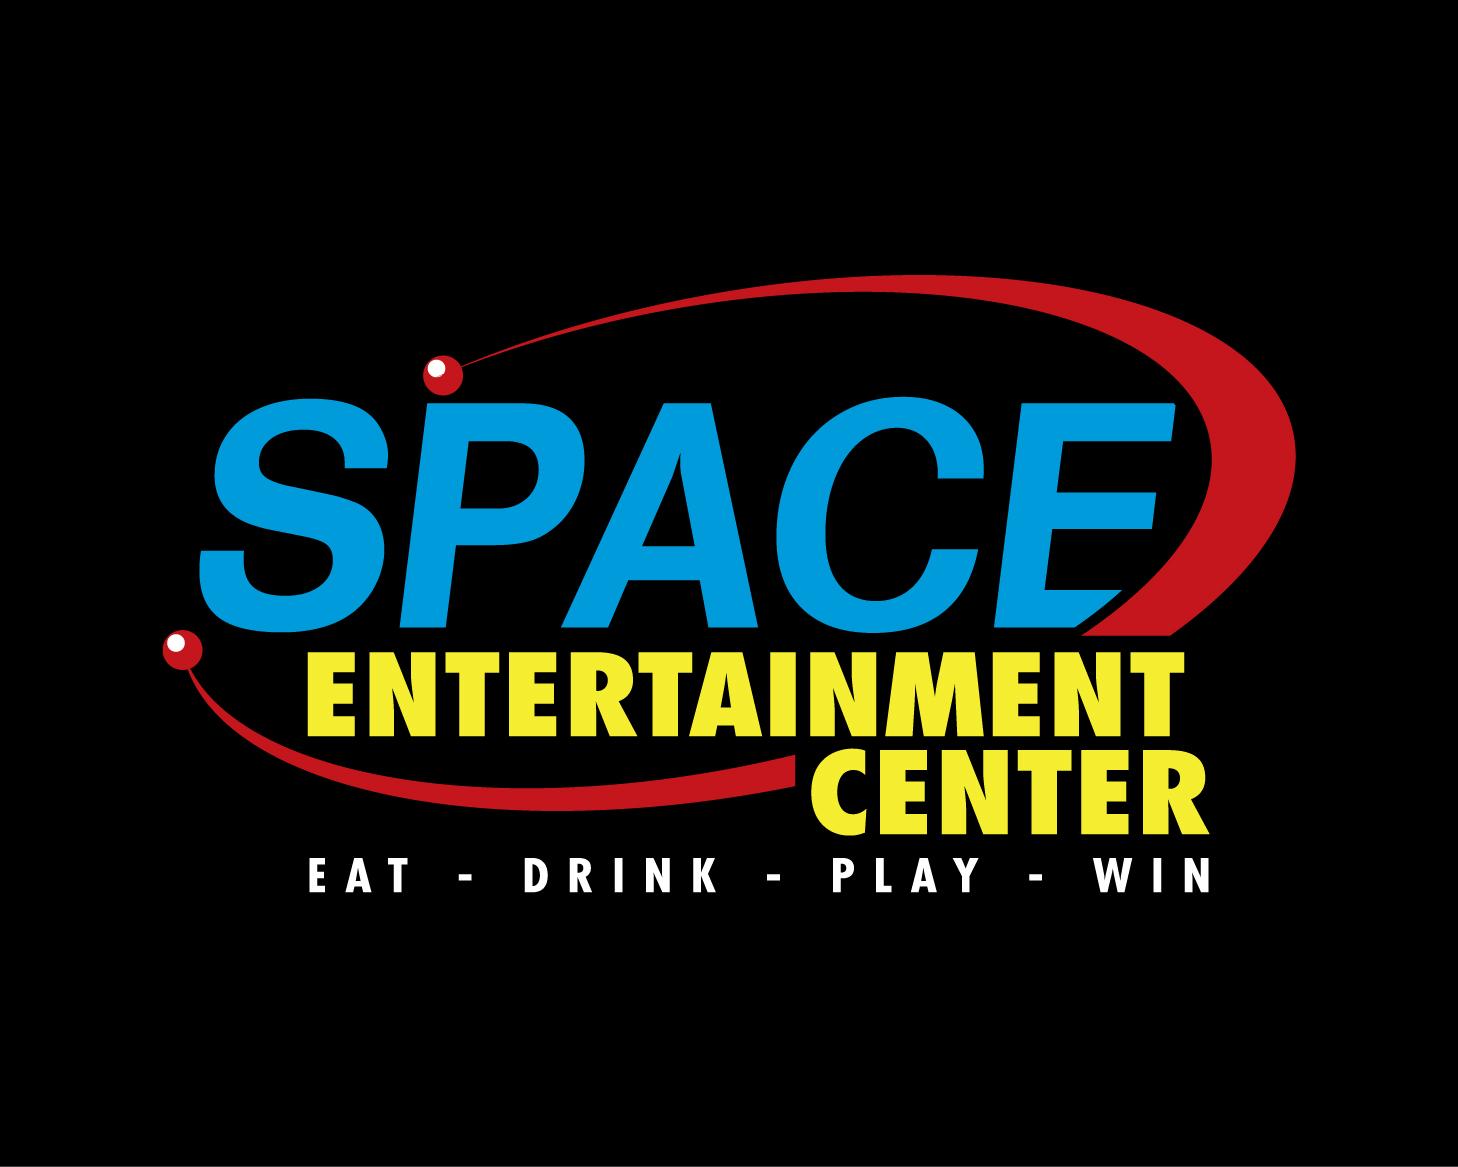 Space Entertainment Center logo